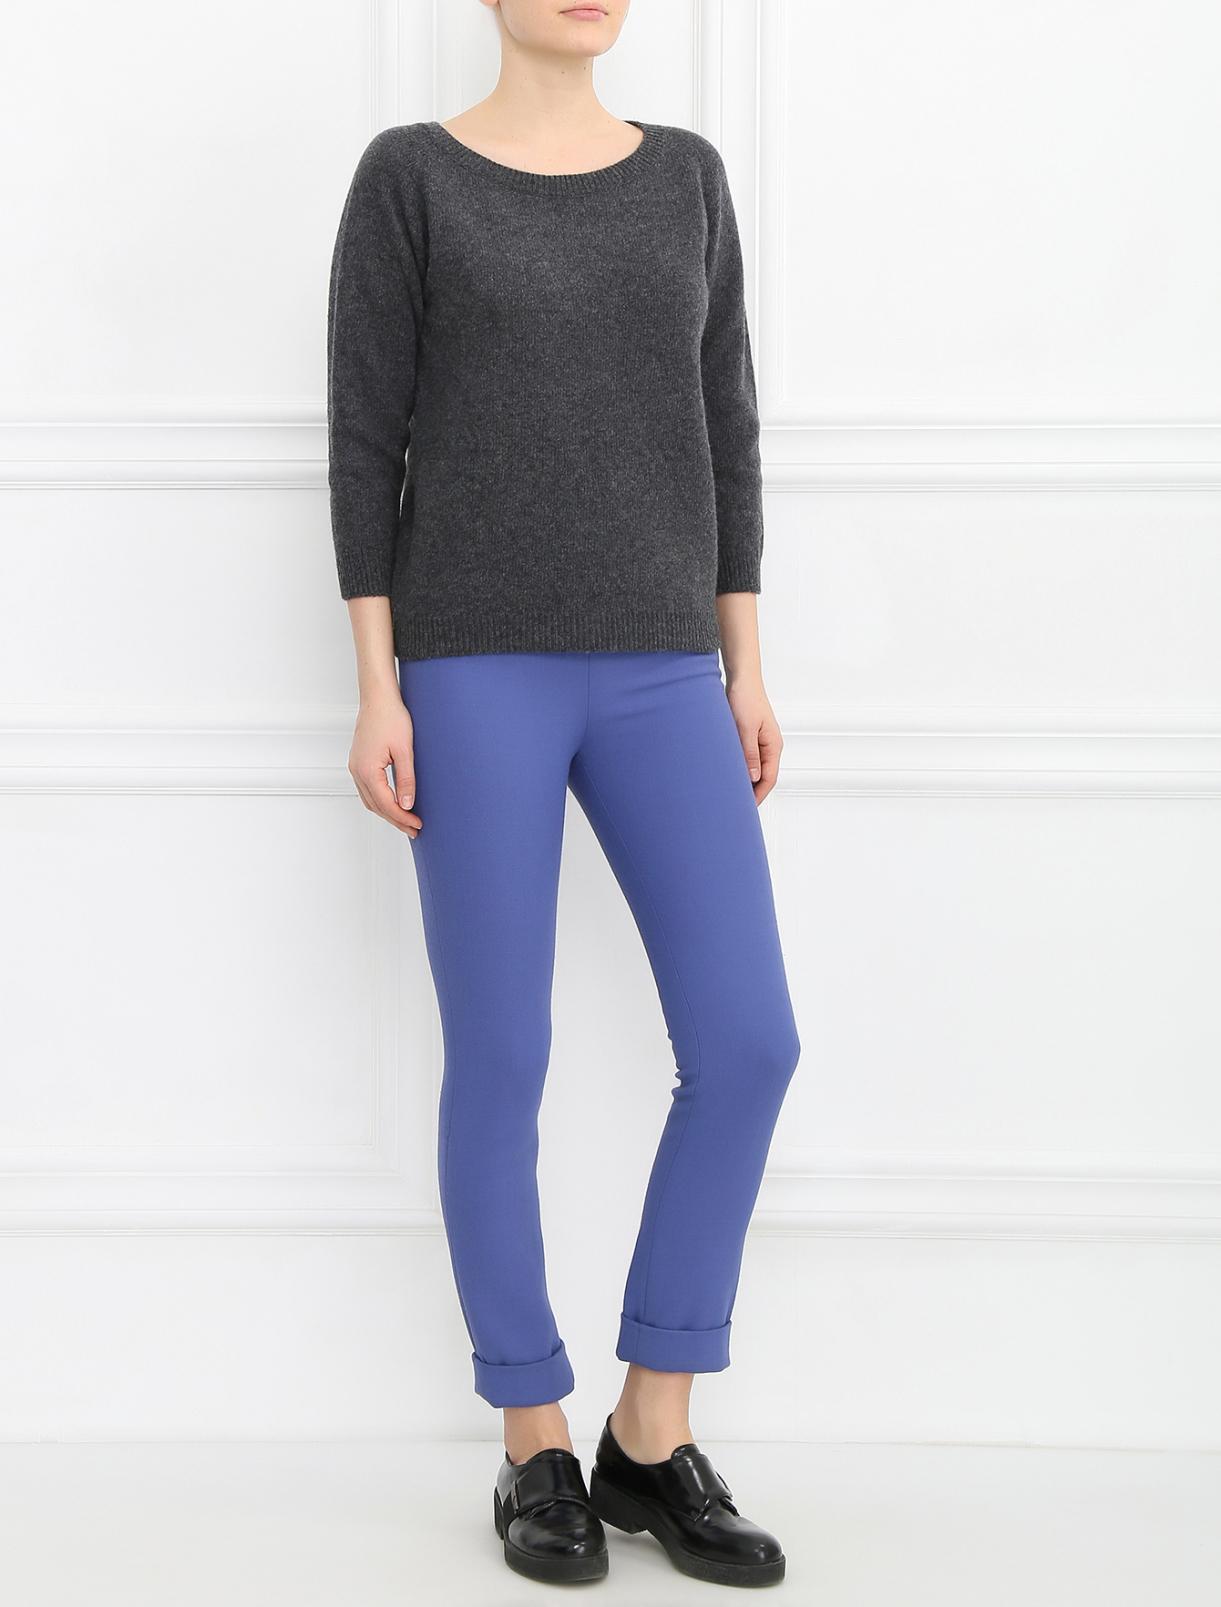 Узкие брюки с подворотами Twisty Parallel Universe  –  Модель Общий вид